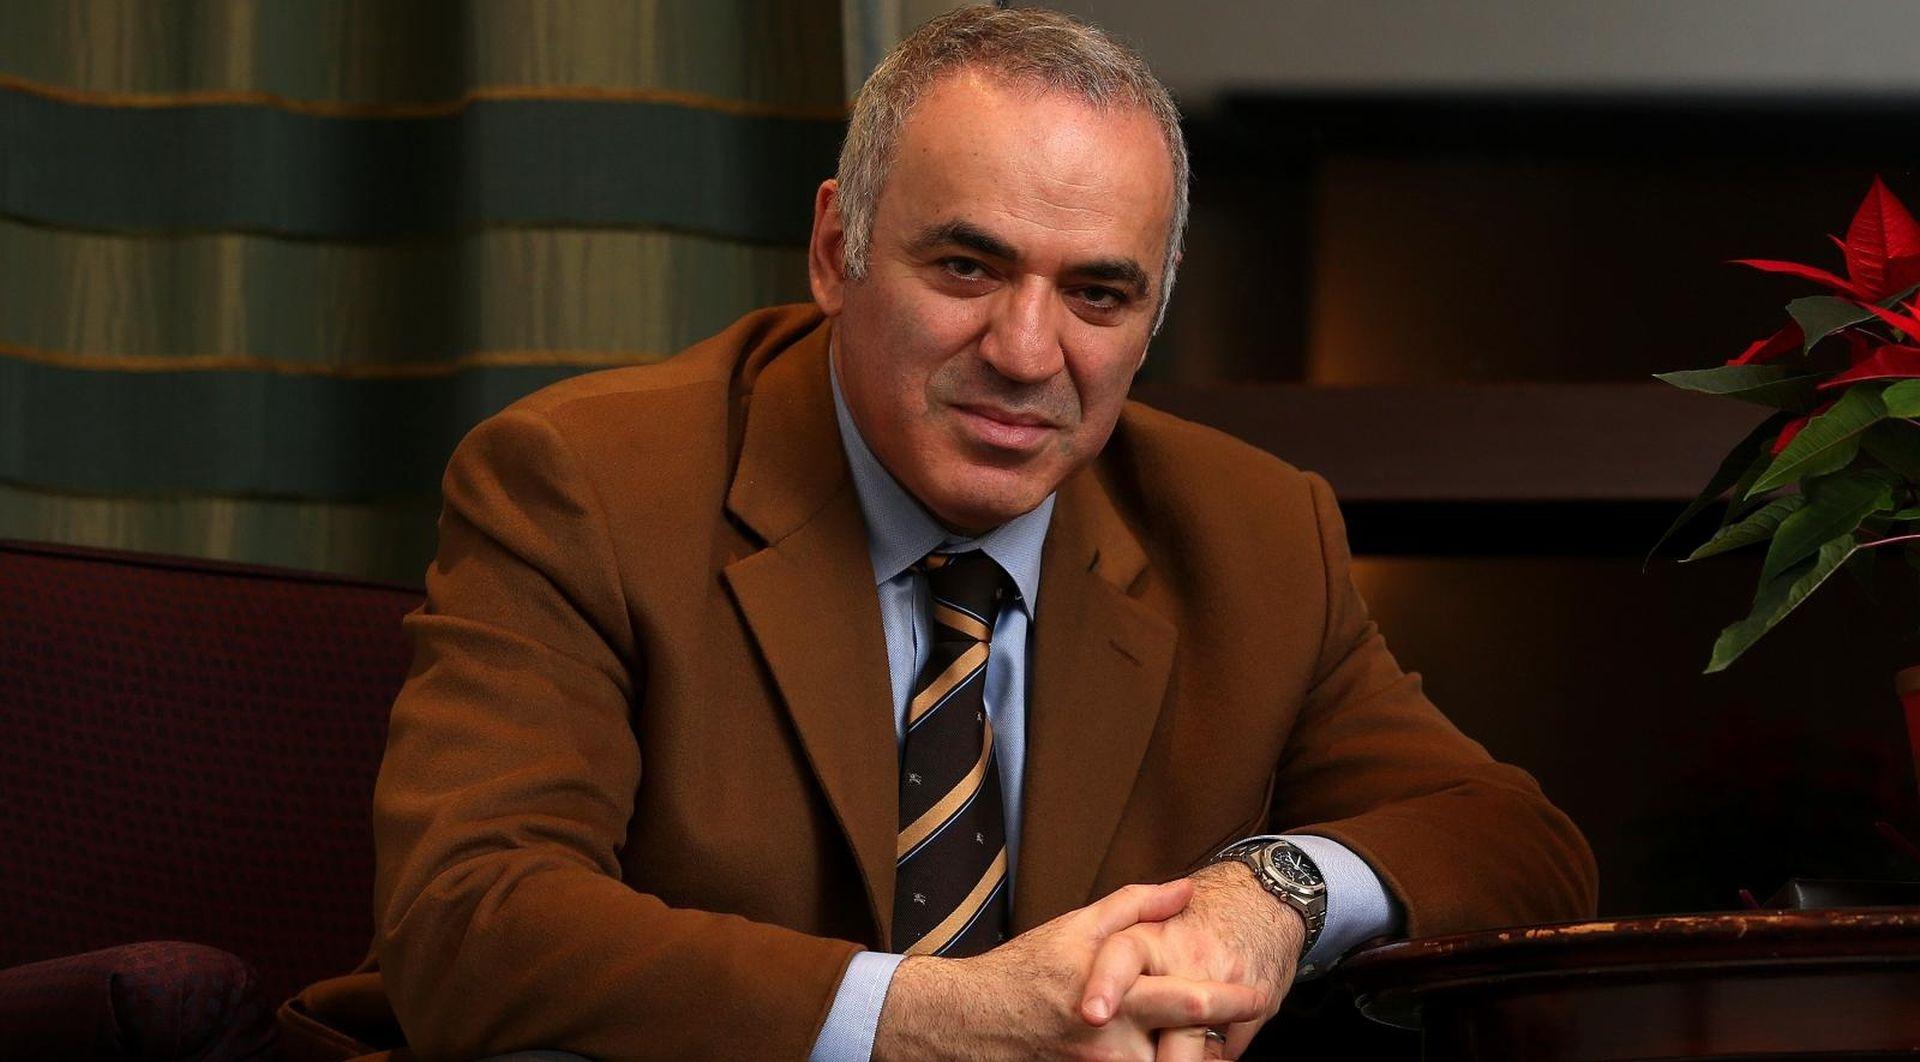 FELJTON: Šahovski prvak protiv Putina